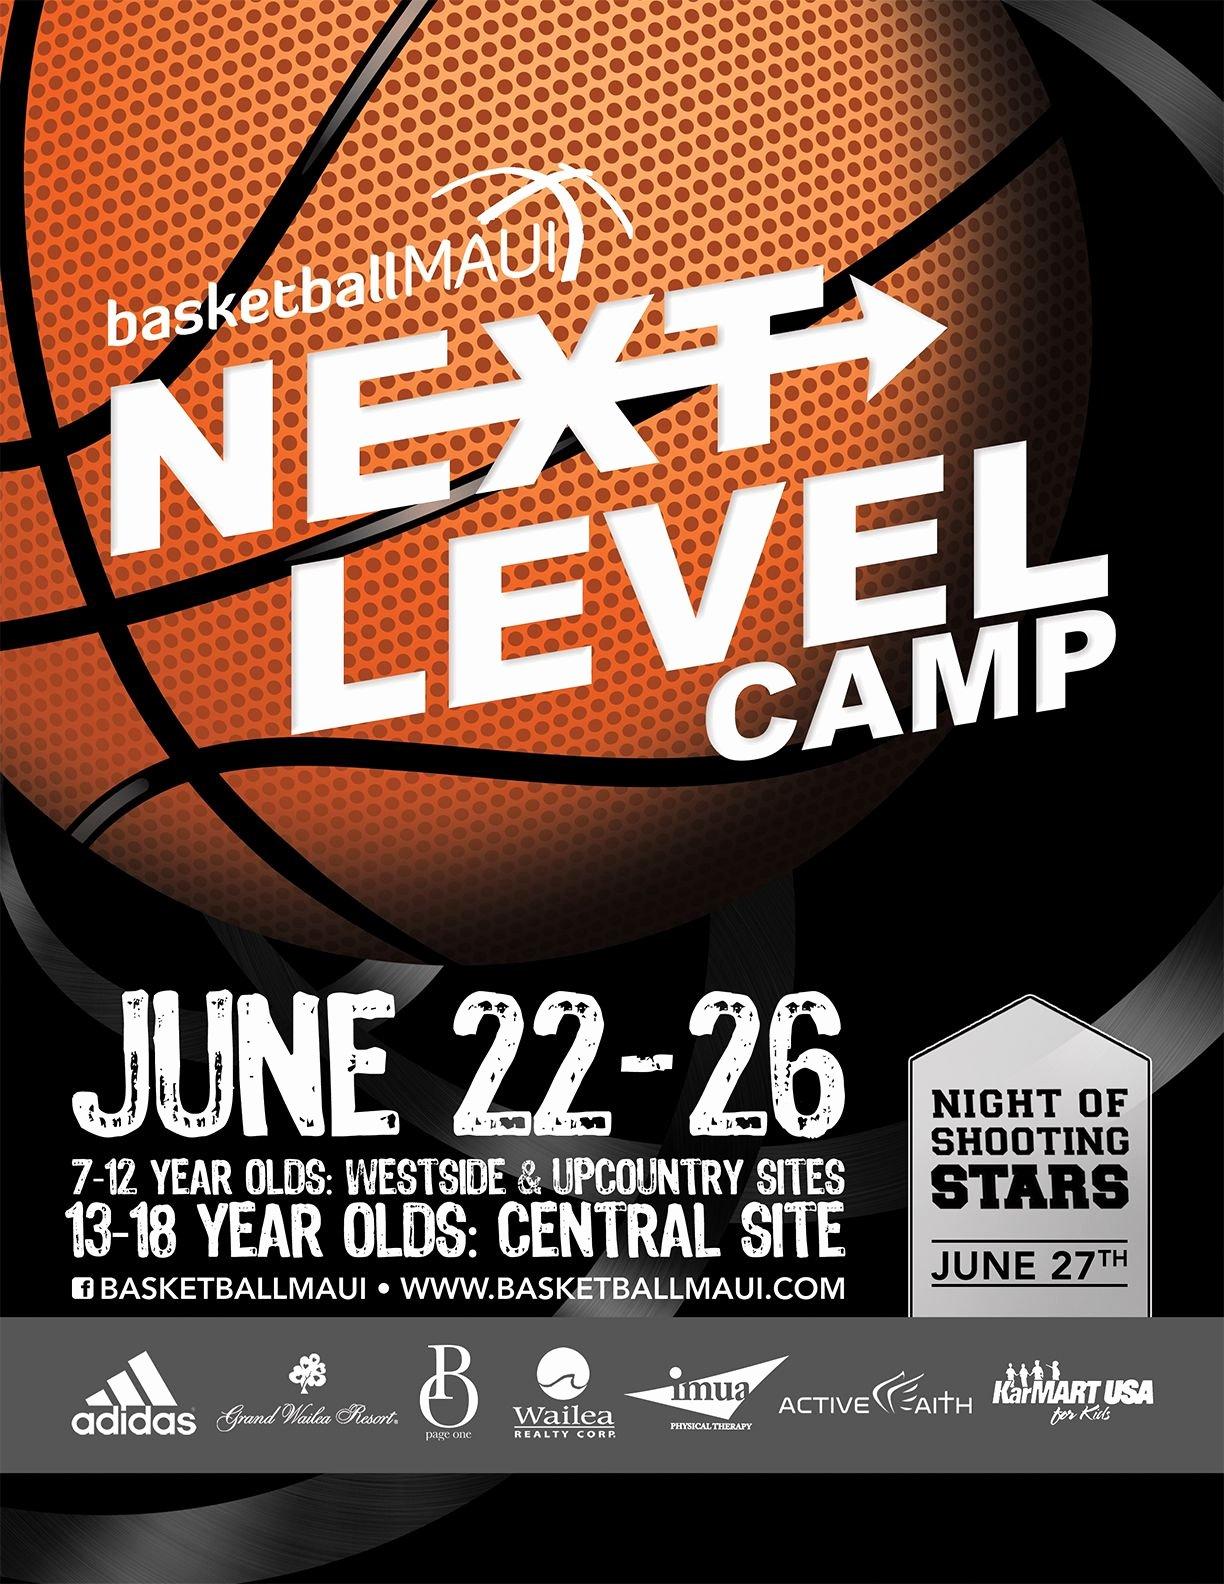 Flyer Design for Kids Basketball Camp Designed by